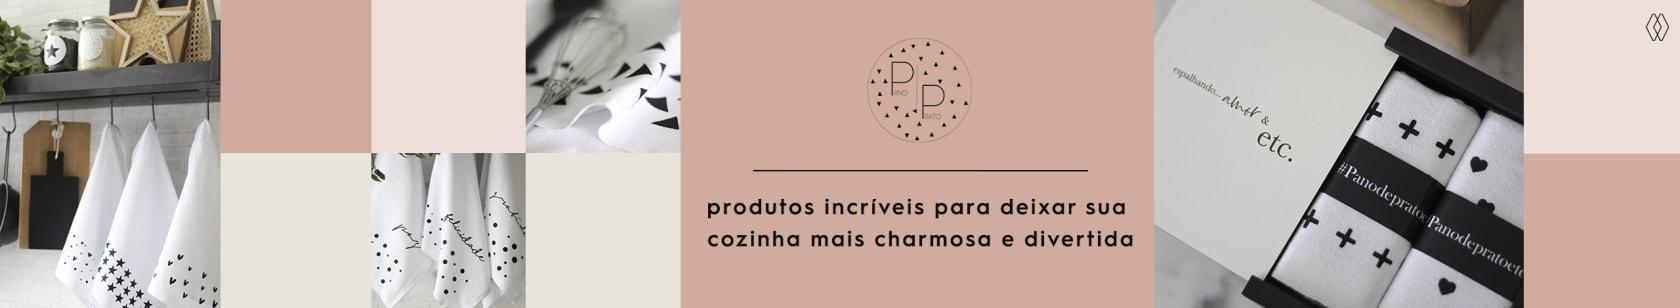 PANO DE PRATO ETC | AMARO